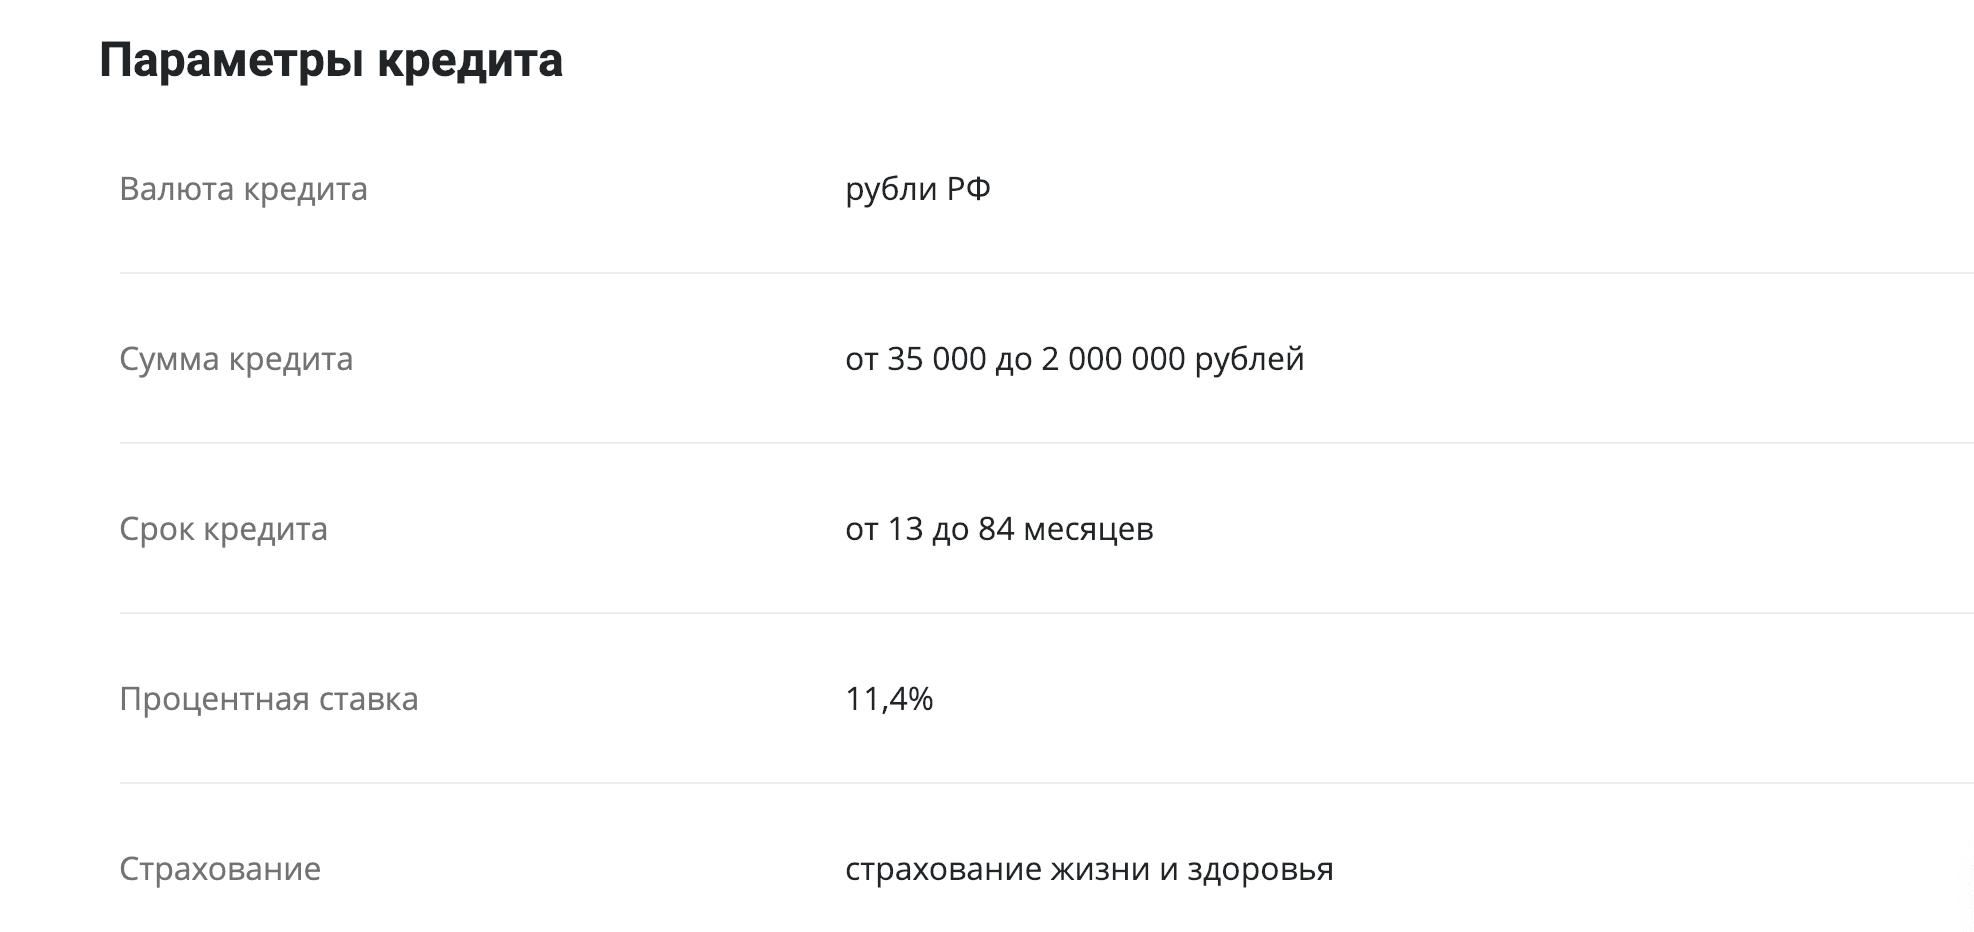 Рефинансирование кредитов в УРАЛСИБ банке5c5d5c2cc82d0